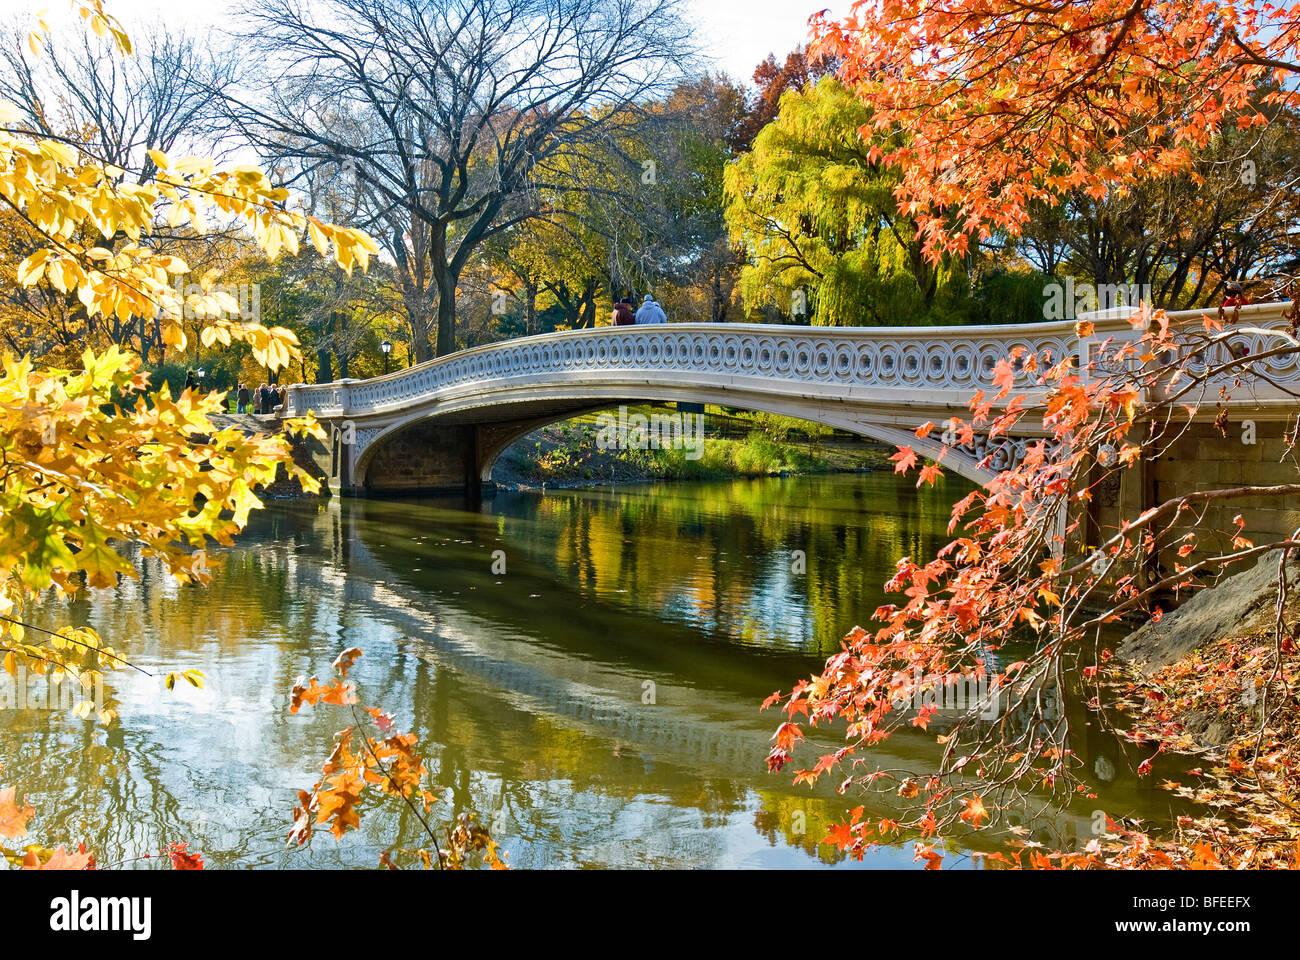 'Bow Bridge' à l'automne de Central Park, New York City. Photo Stock